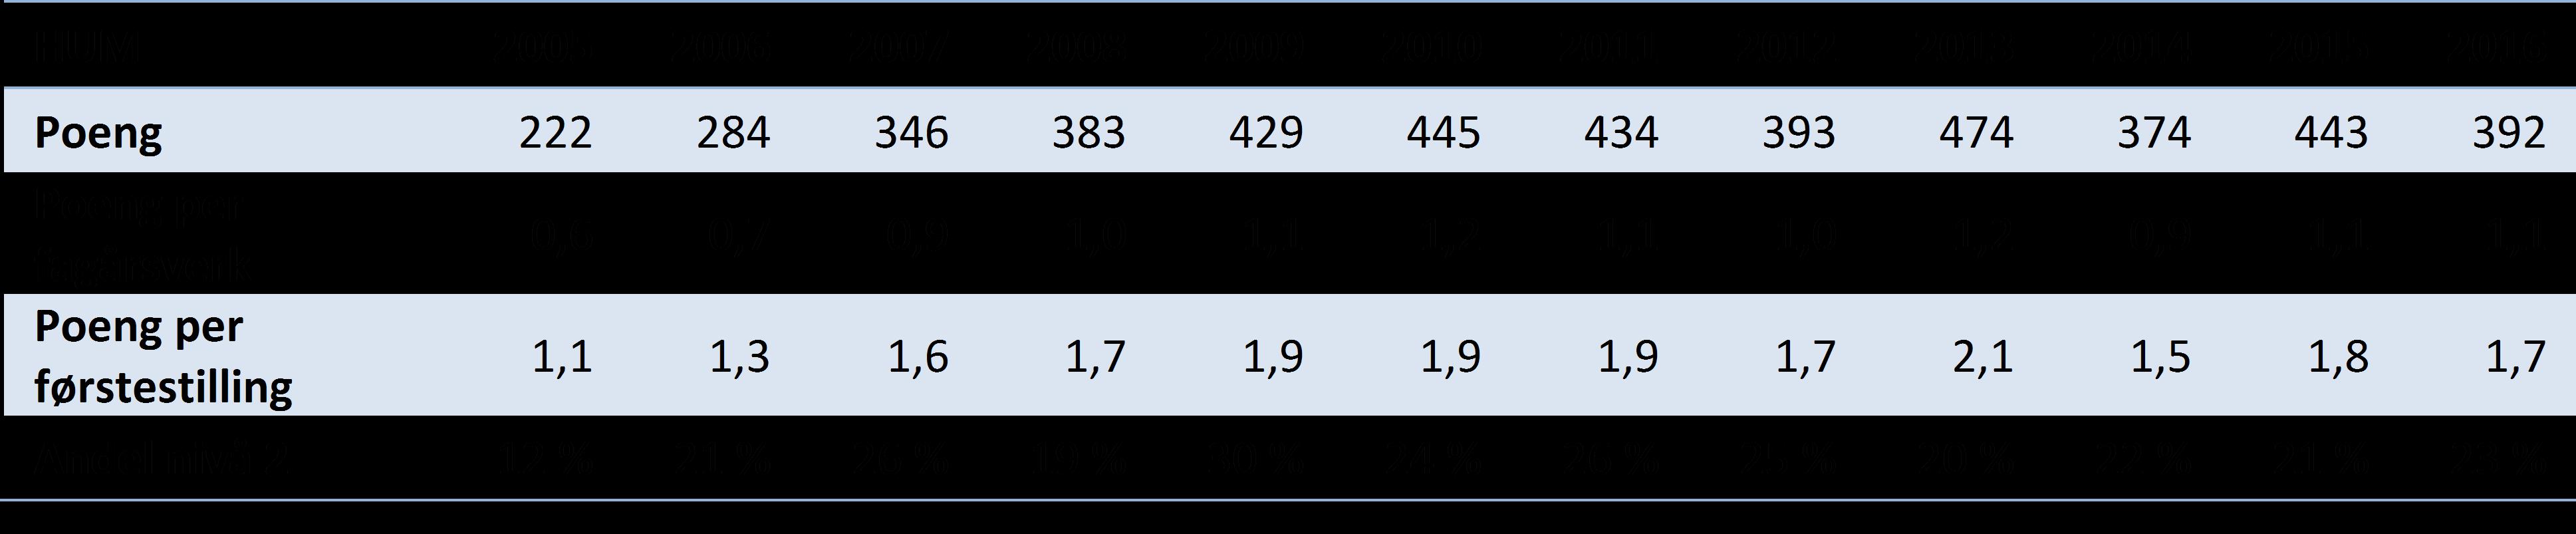 Tabell 1 Hovedindikatorer for publisering ved Det humanistiske fakultet, 2005-2016 (DBH).